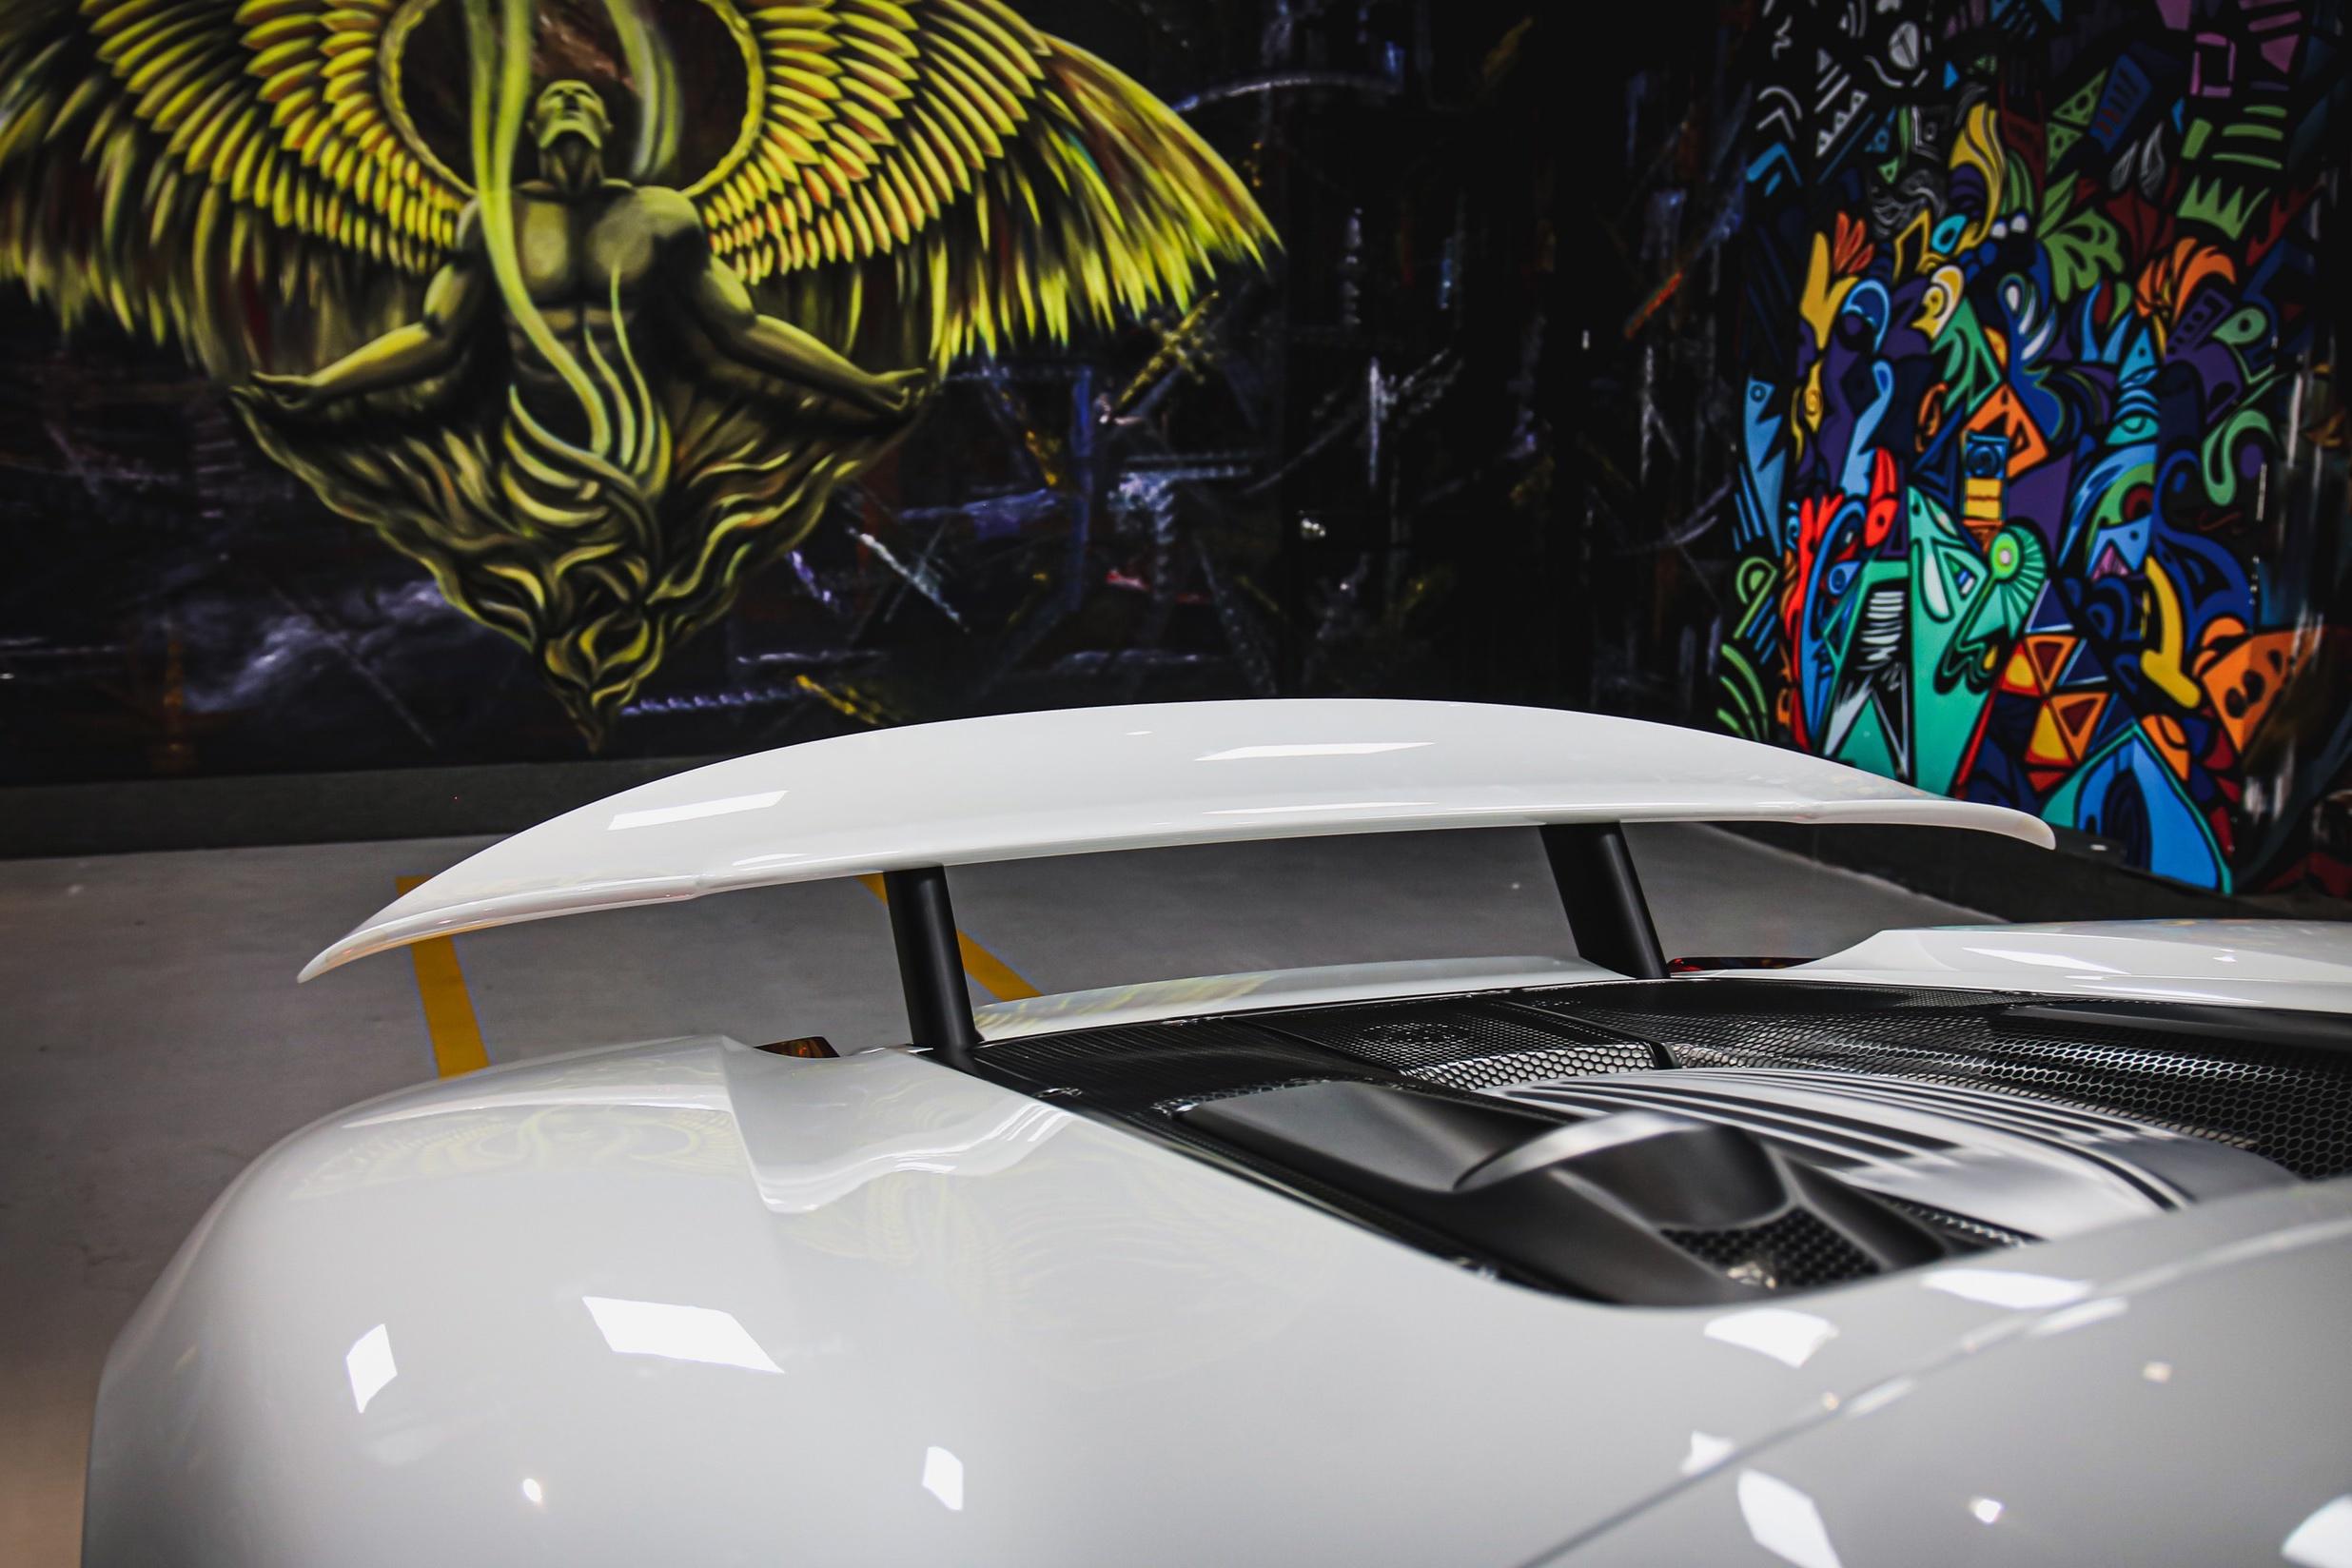 Siêu xe đắt nhất của Porsche về Việt Nam, giá khoảng 60 tỷ đồng - Ảnh 10.